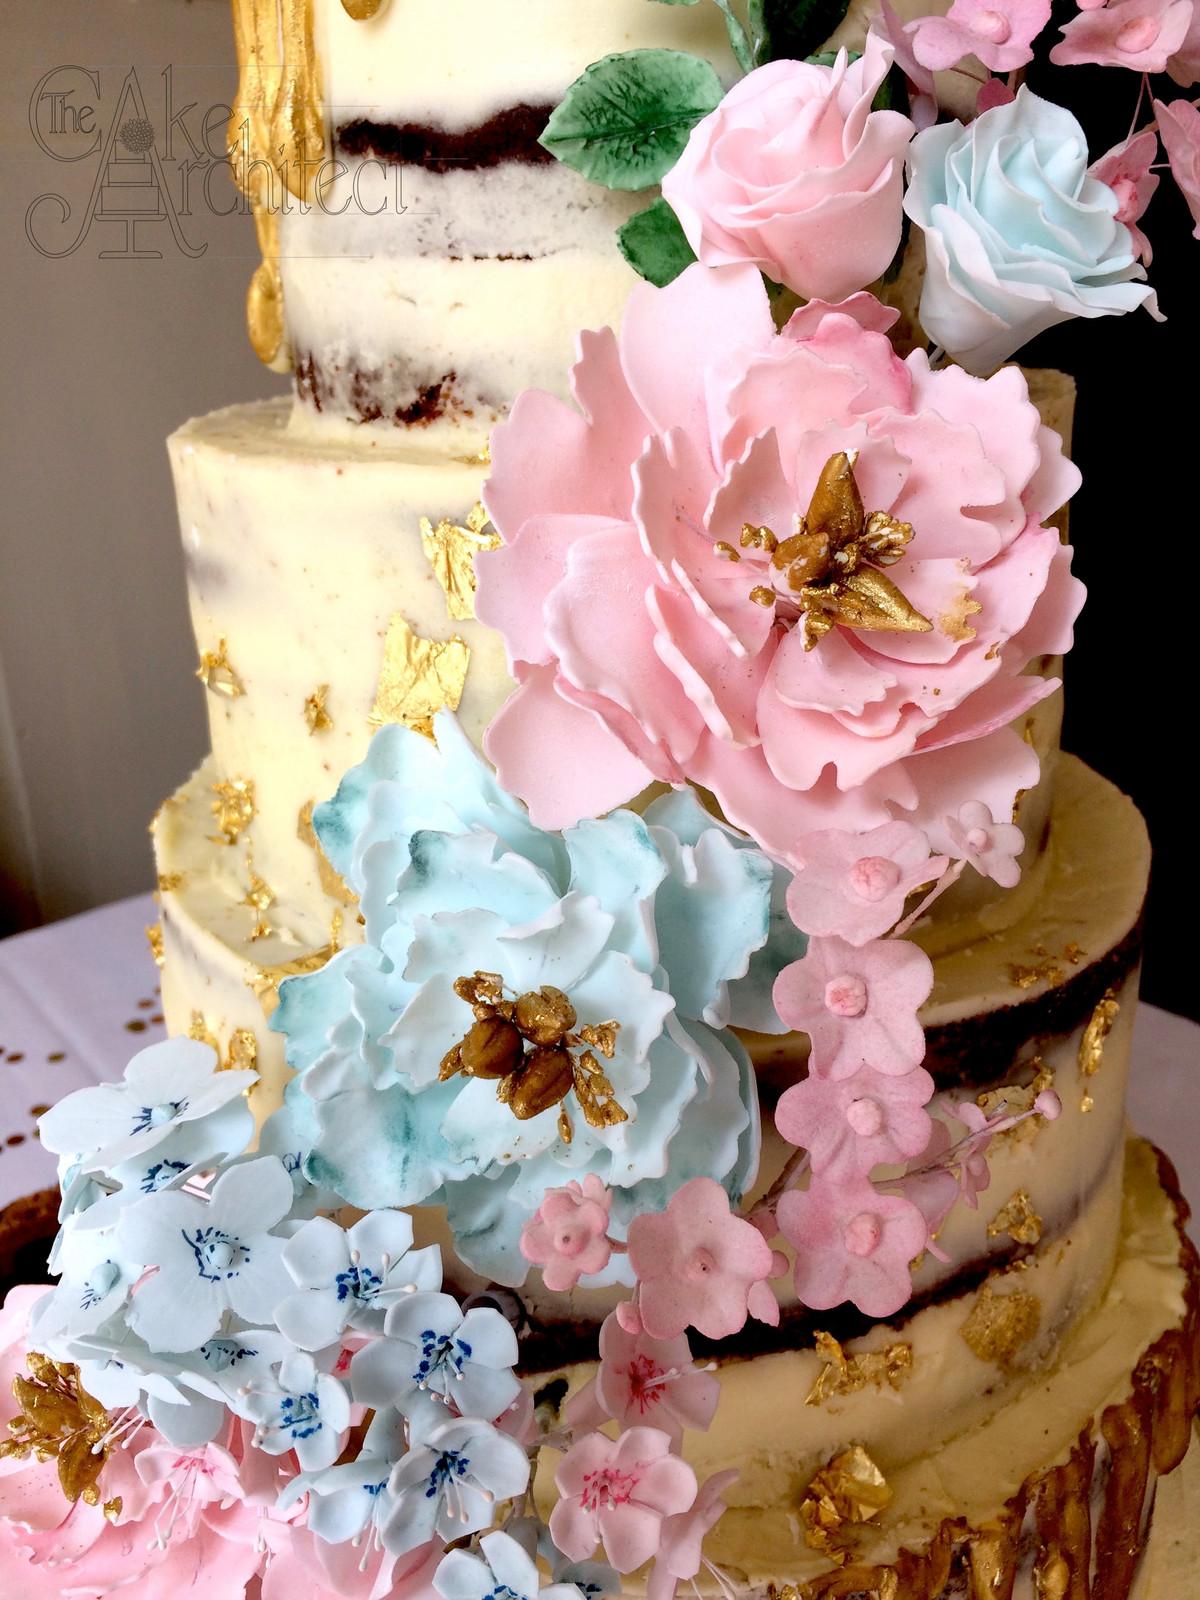 Bespoke wedding and celebration cakes | Wiltshire | The Cake Architect